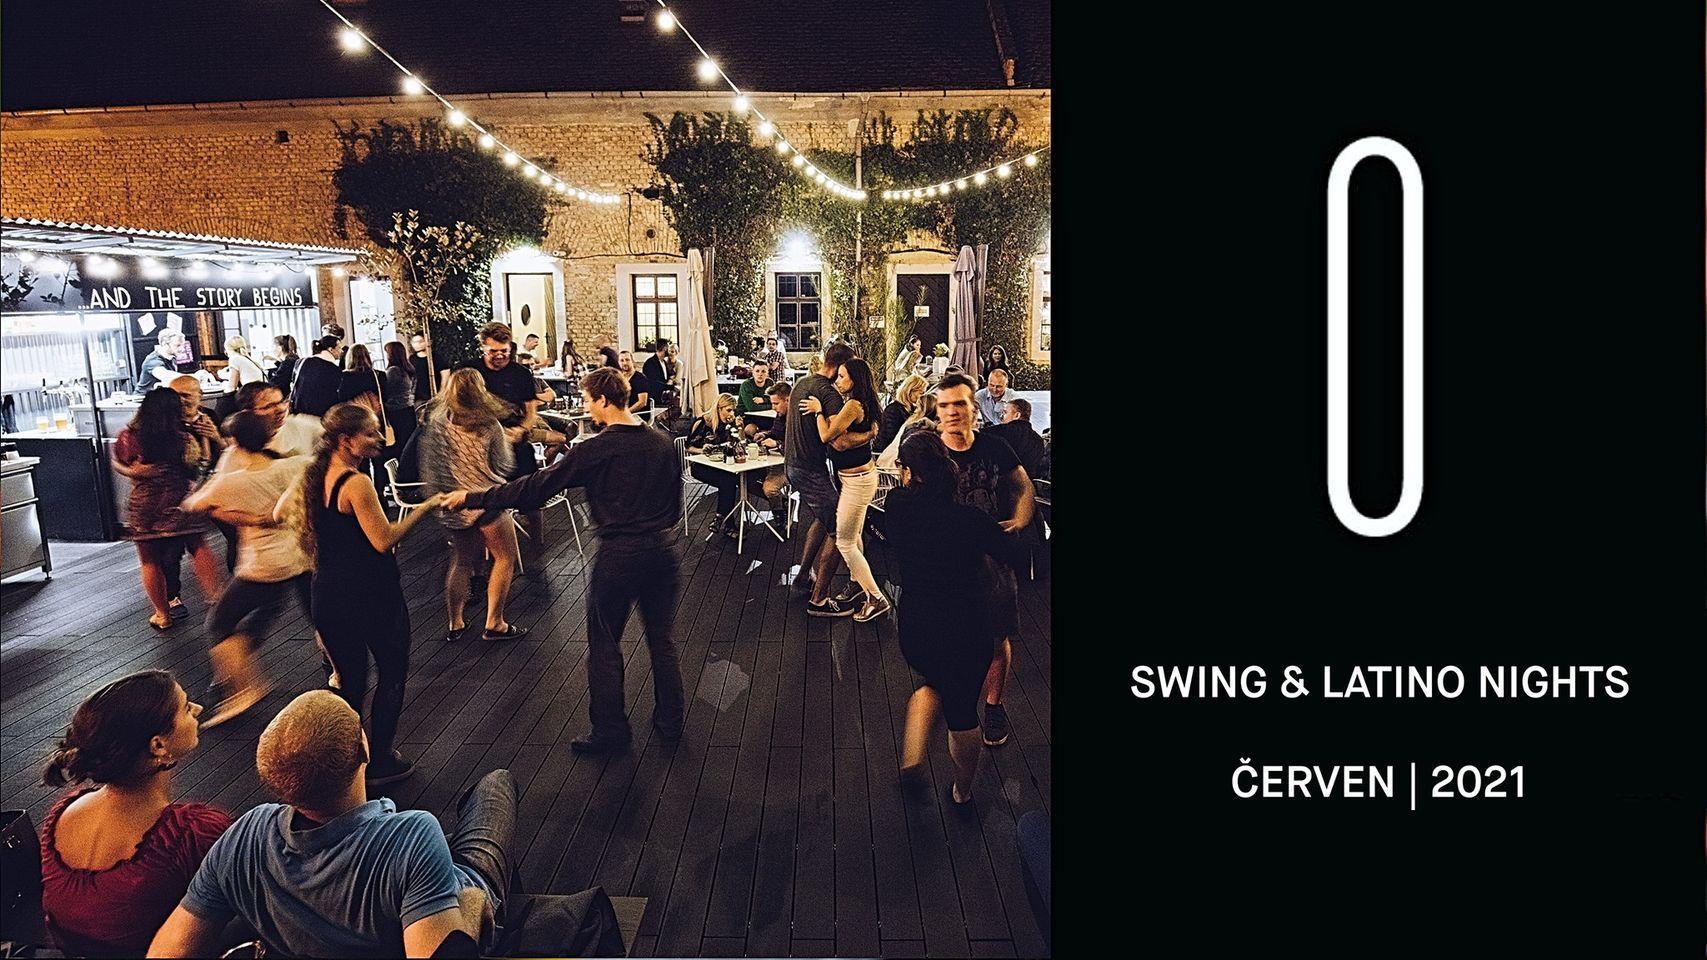 Swing & Latino Tančírny